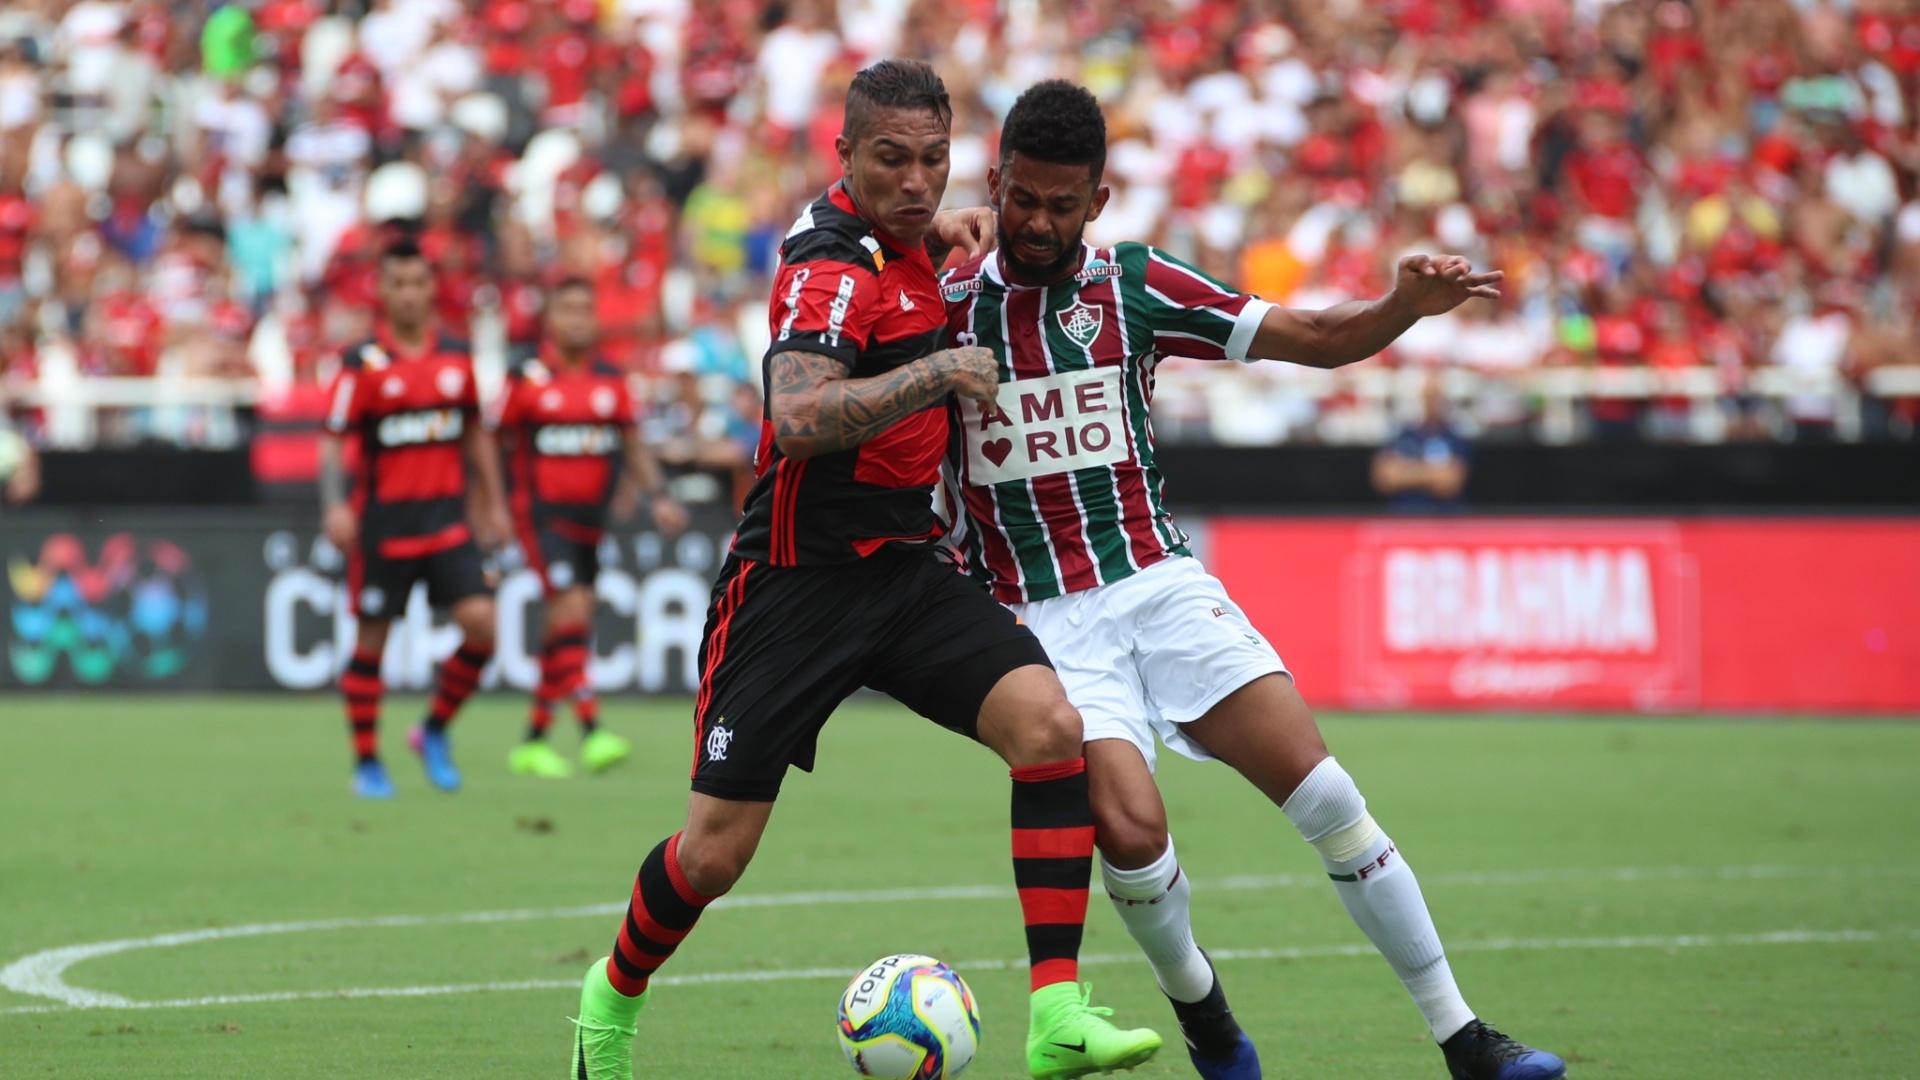 Fluminense bateu o Flamengo nos pênaltis após empate em 3 a 3 no tempo normal